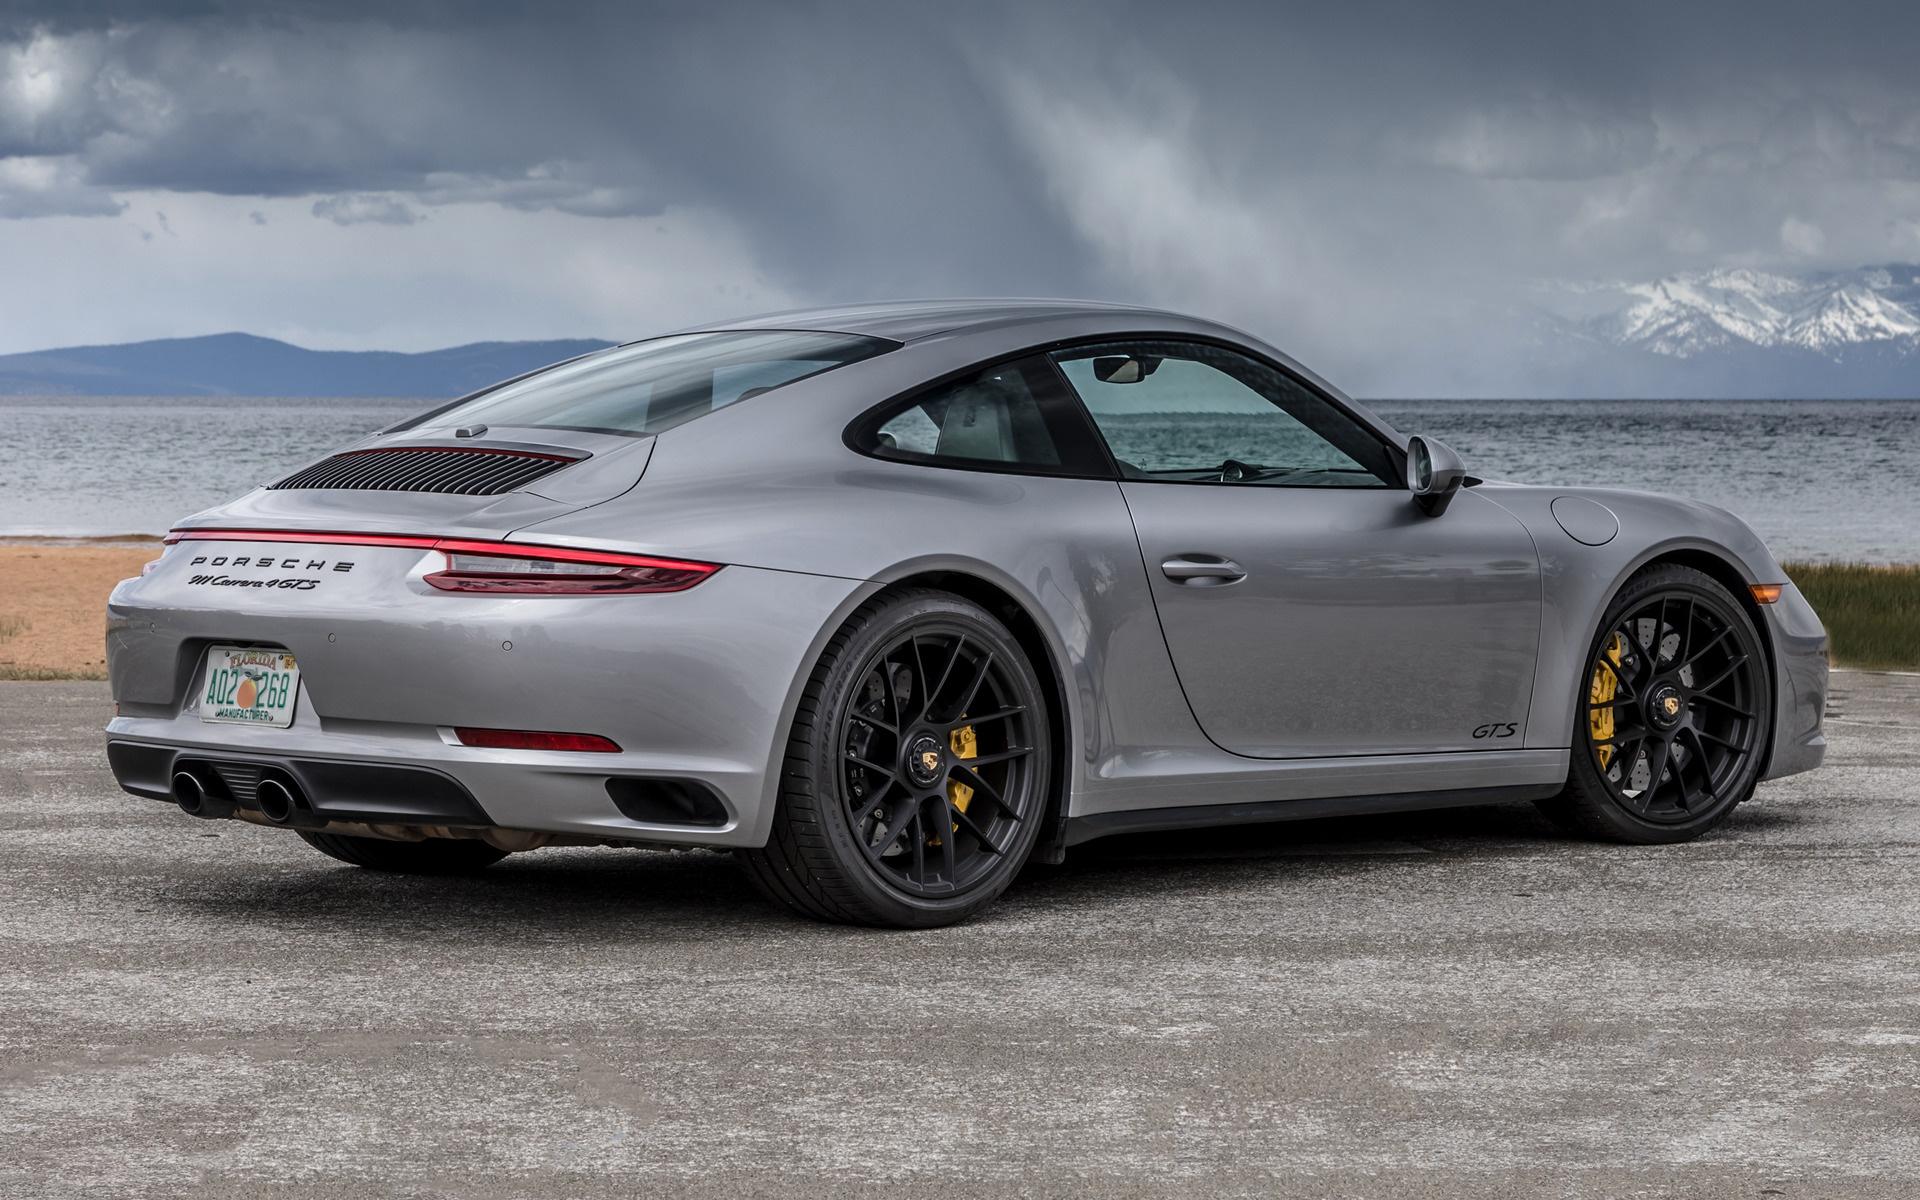 Porsche Carrera Gts Car Wallpaper